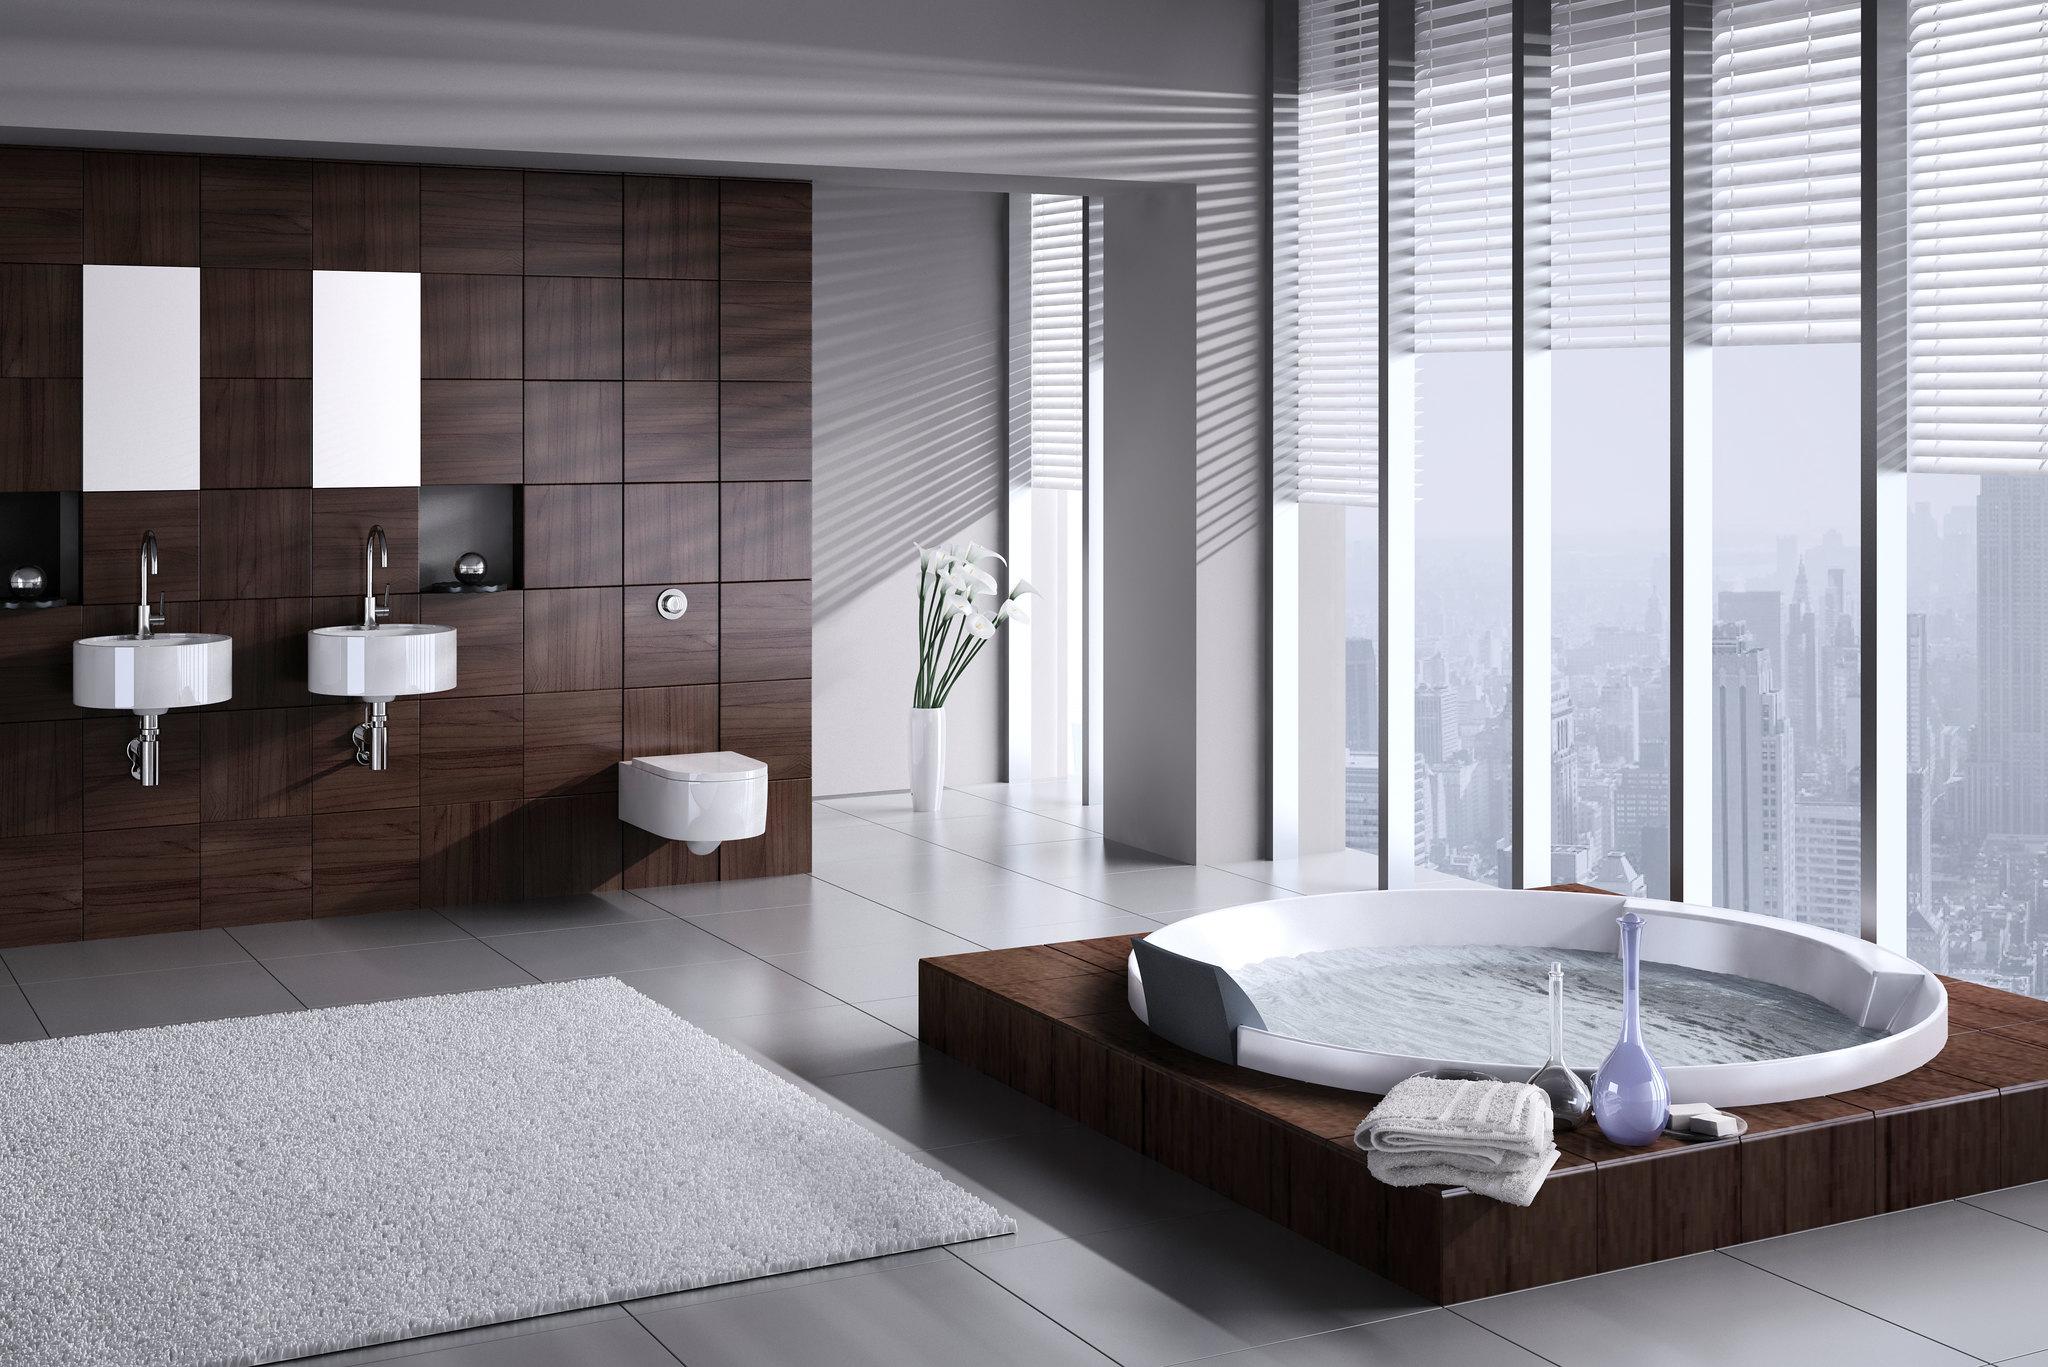 bien aménager une salle de bain décoration intérieure tendance design grande baignoire balnéo ouverture baie vitré meuble sur mesure bois encastré